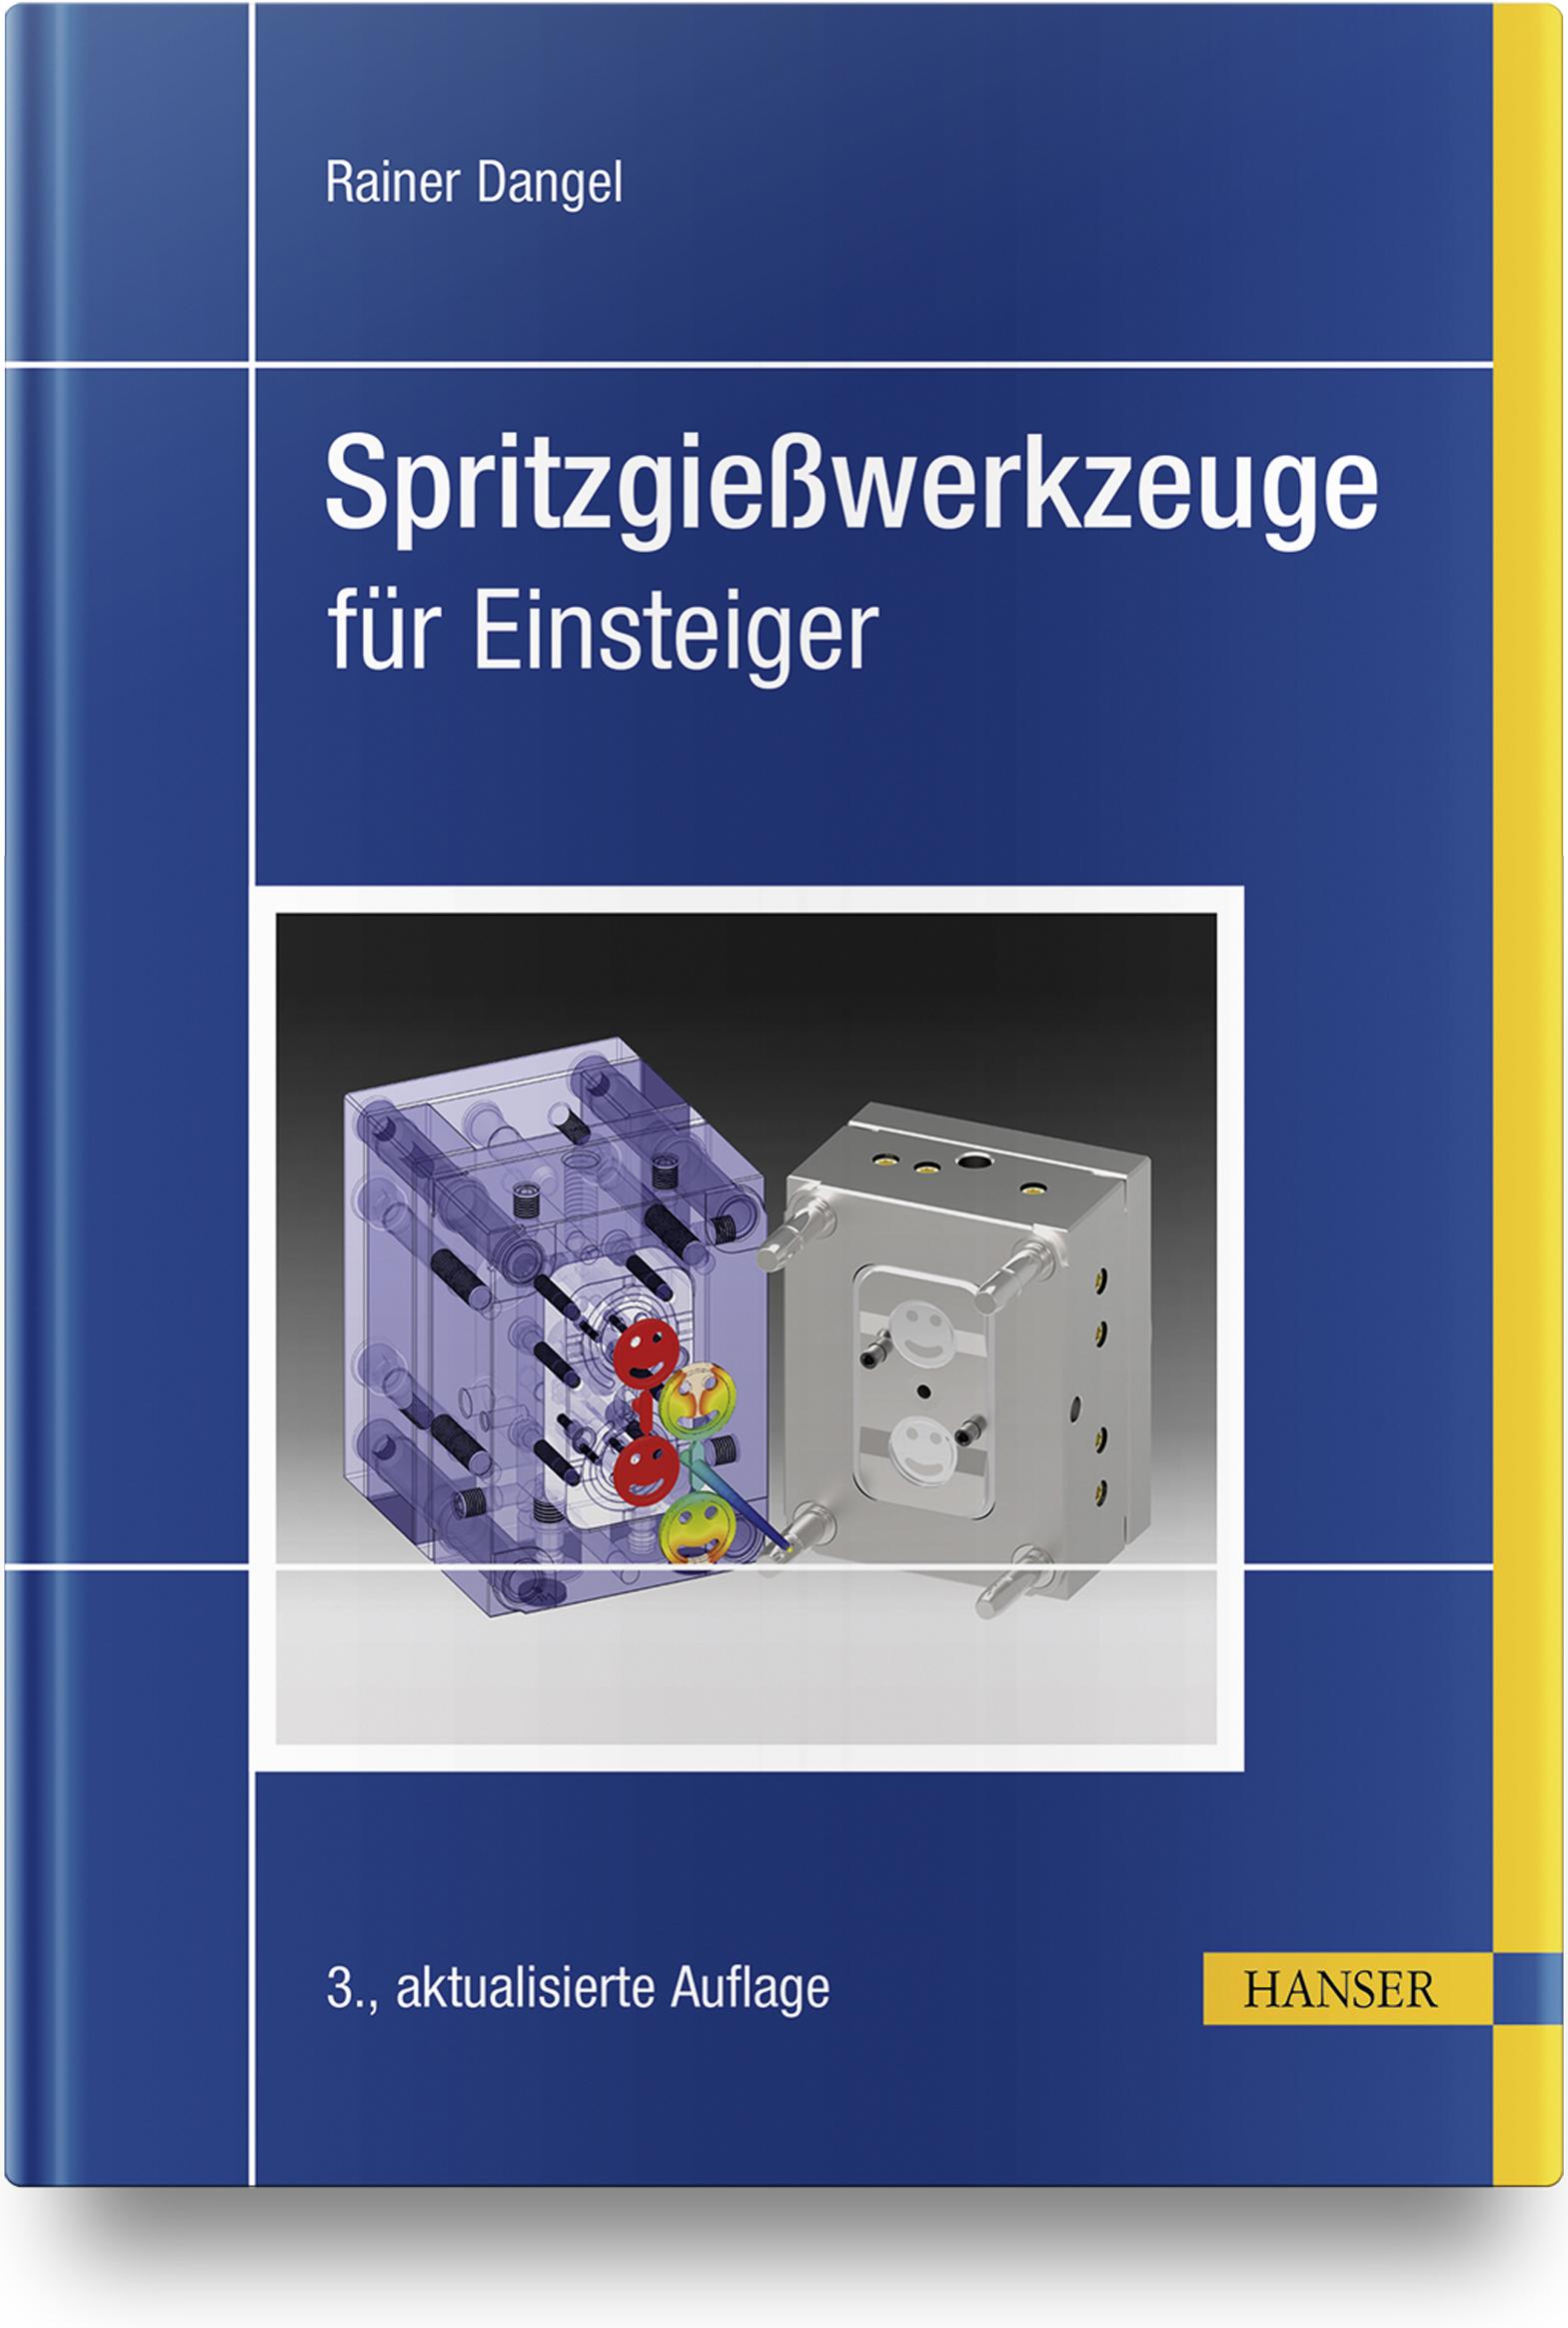 Dangel, Spritzgießwerkzeuge für Einsteiger, 978-3-446-46449-0